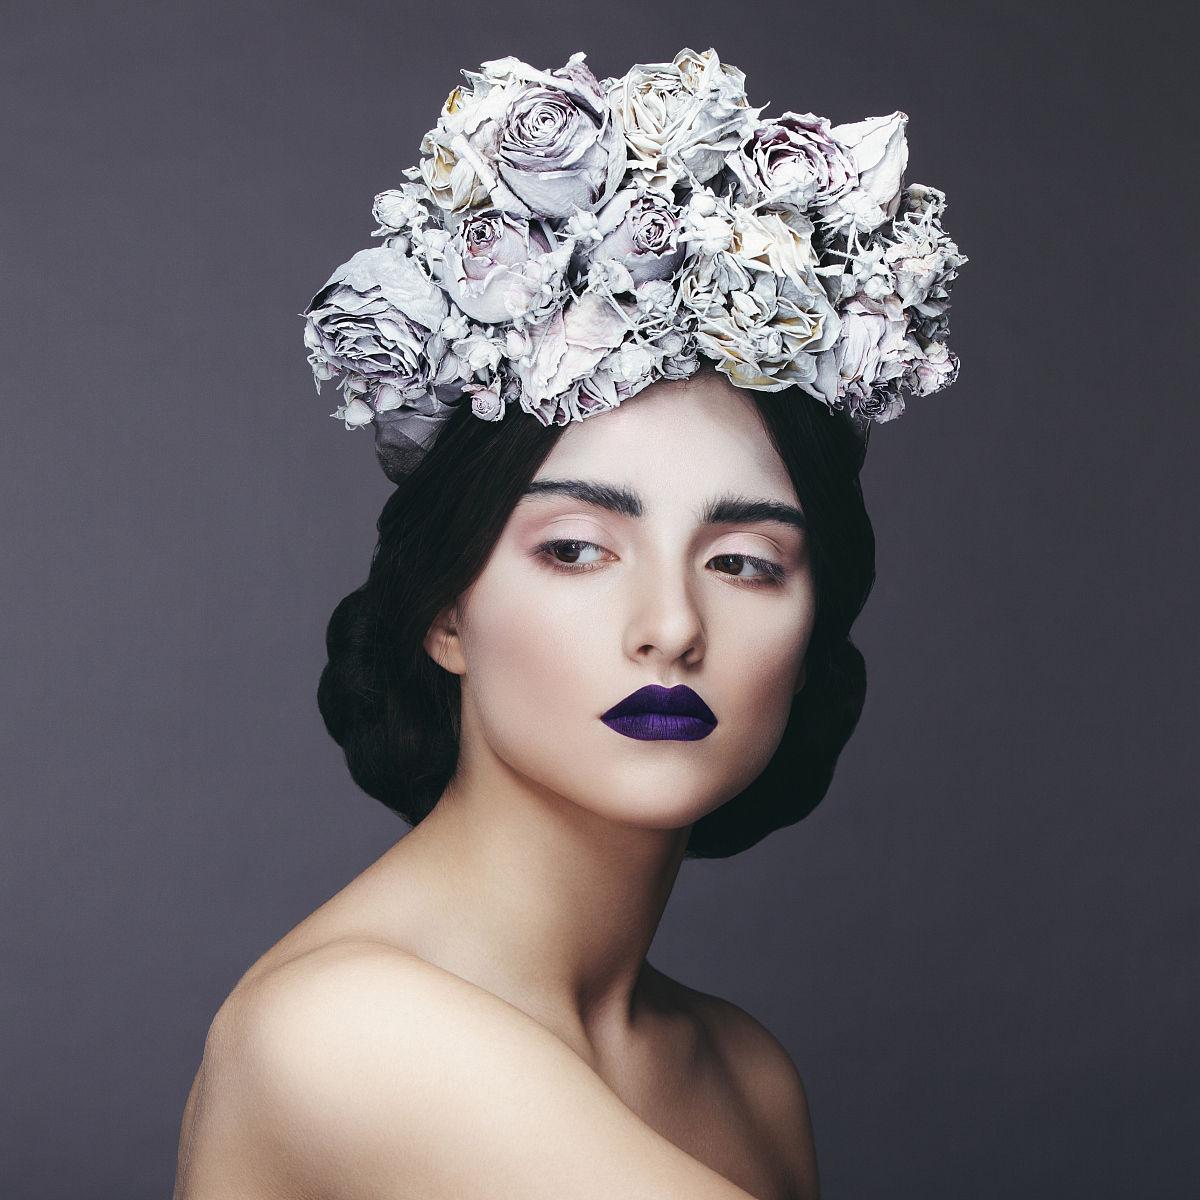 美丽的女人与鲜花花环图片